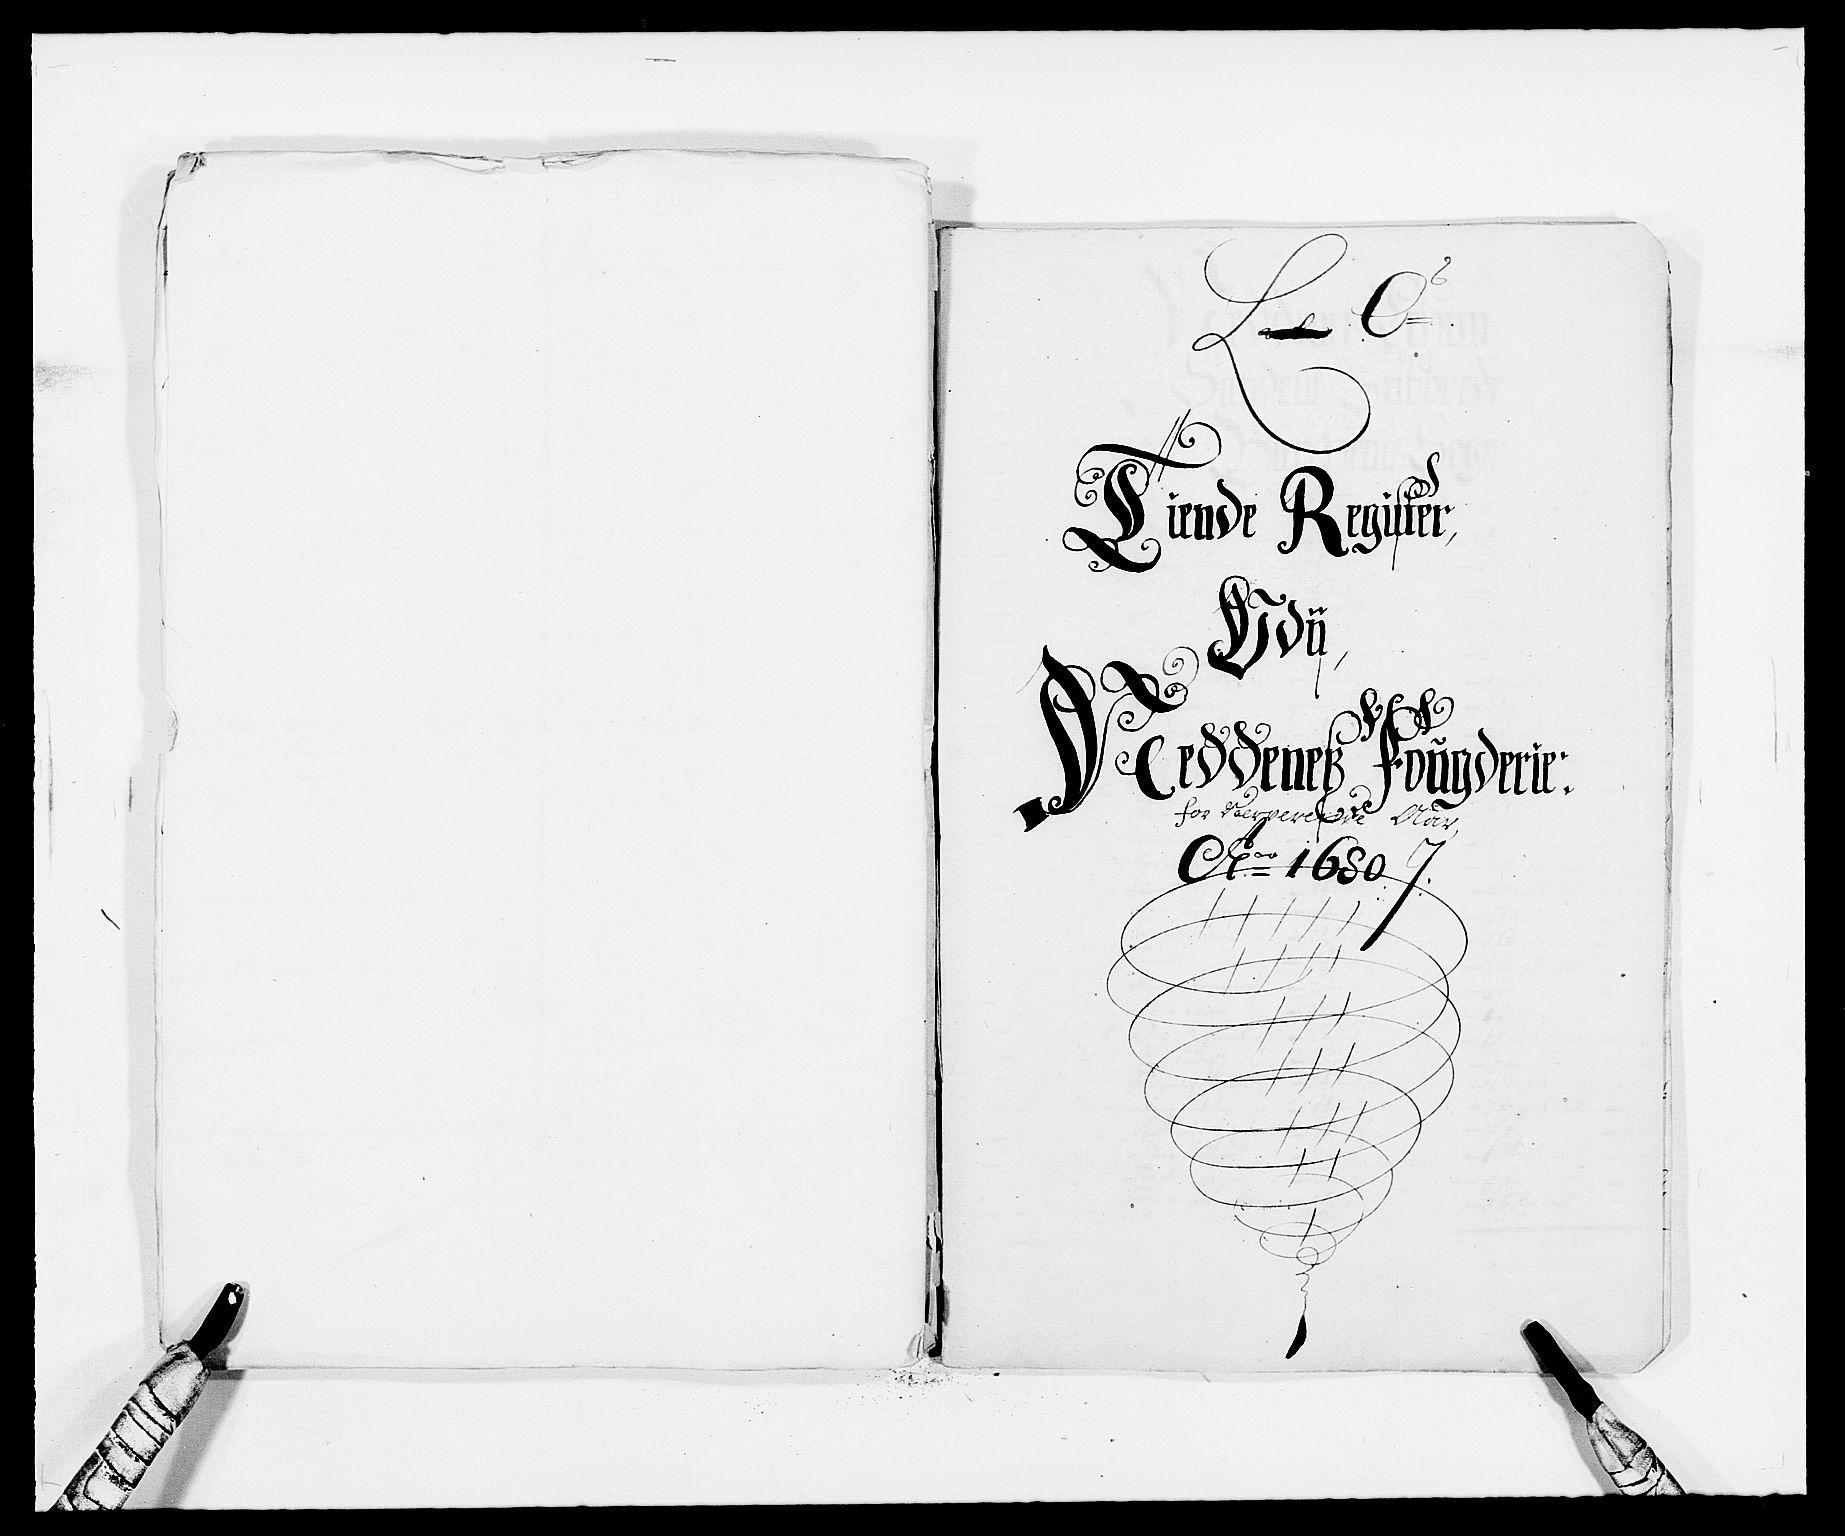 RA, Rentekammeret inntil 1814, Reviderte regnskaper, Fogderegnskap, R39/L2304: Fogderegnskap Nedenes, 1680-1682, s. 39